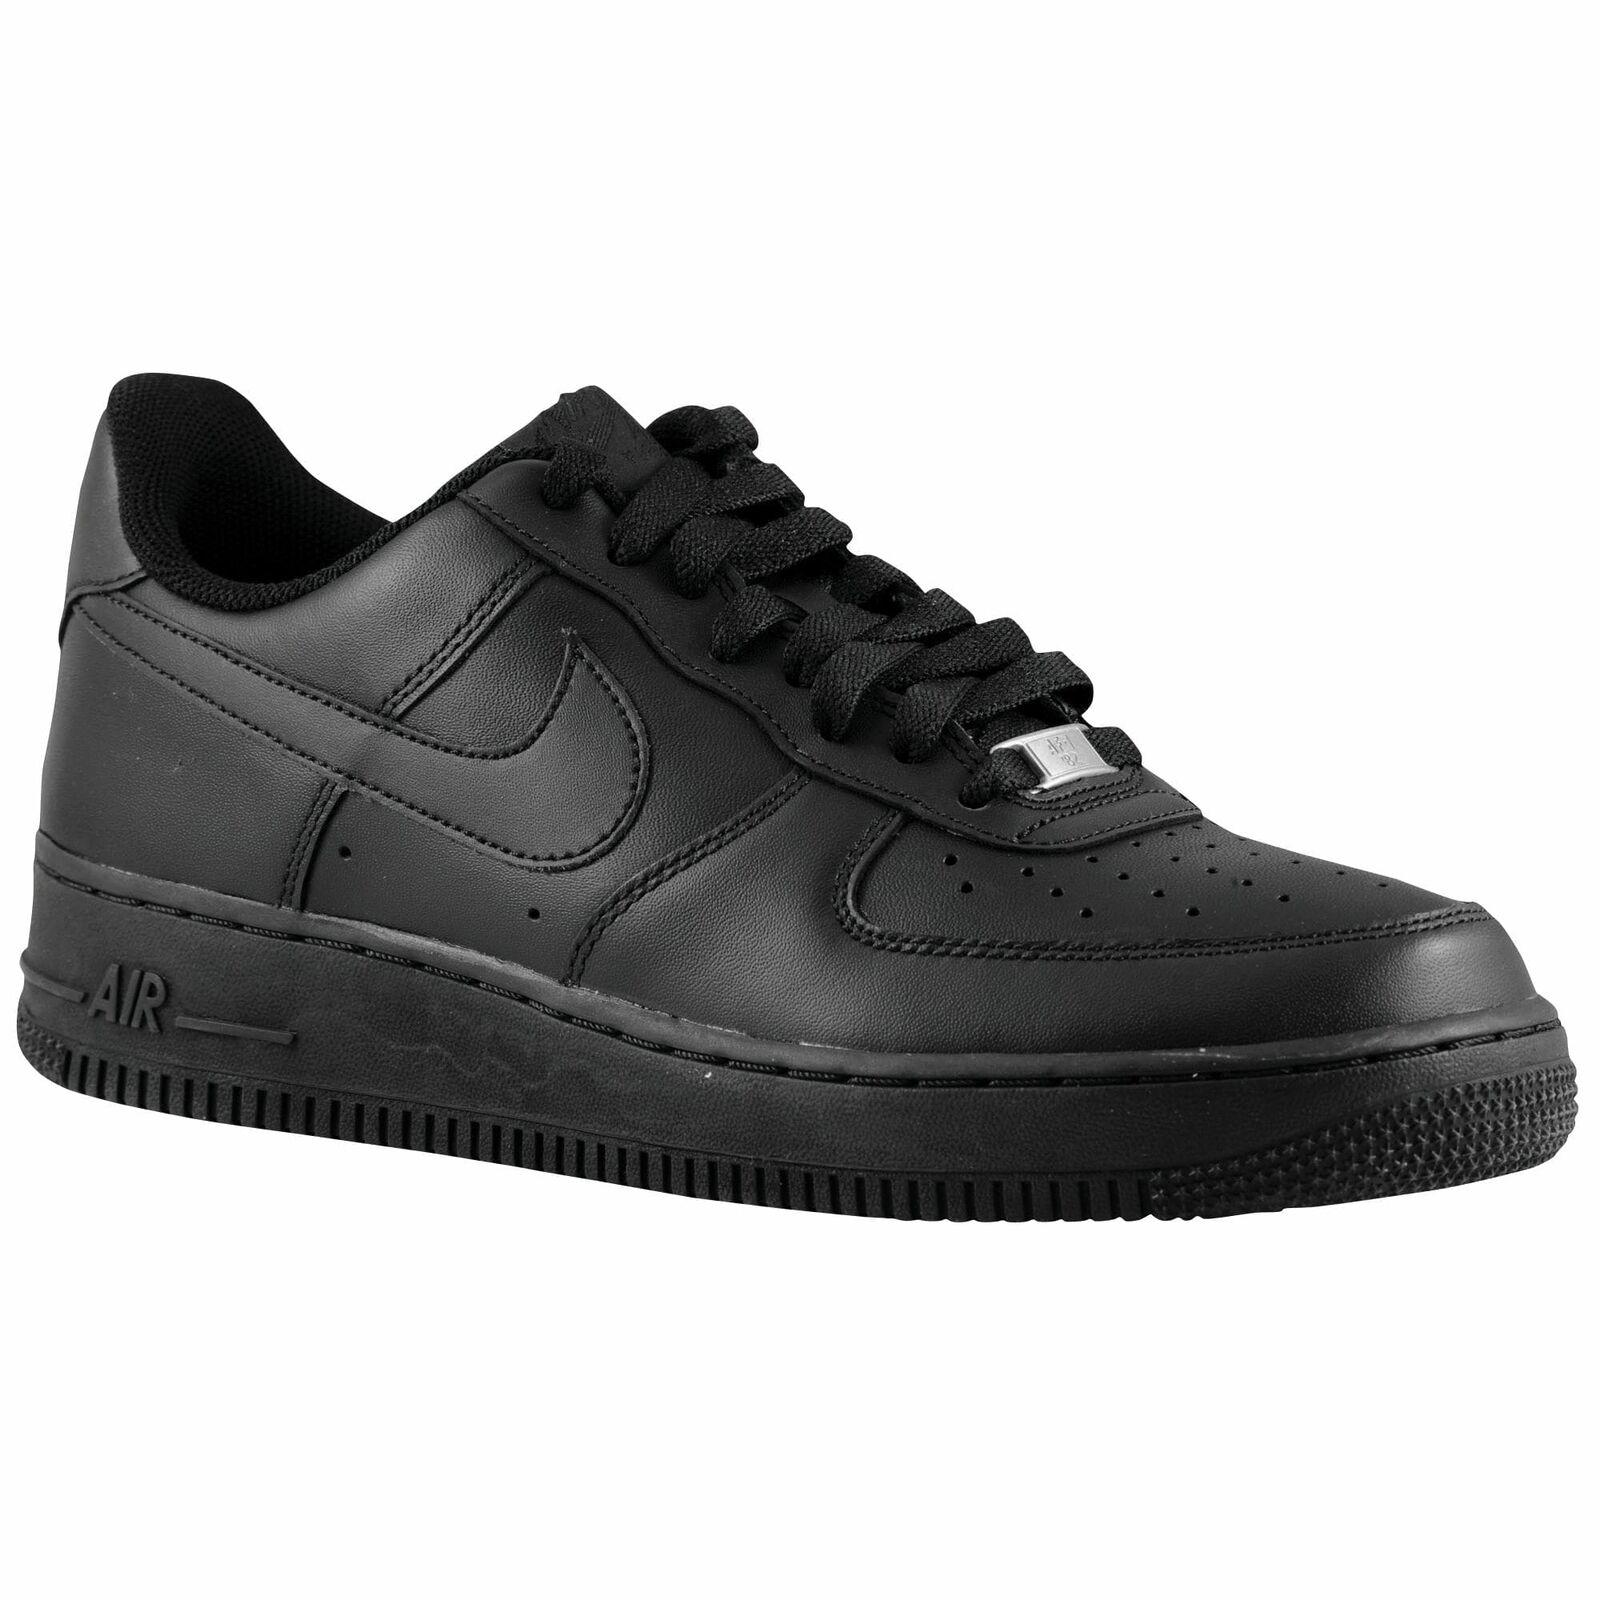 Nike Air Force 1 Low Men's Black Black 15122001